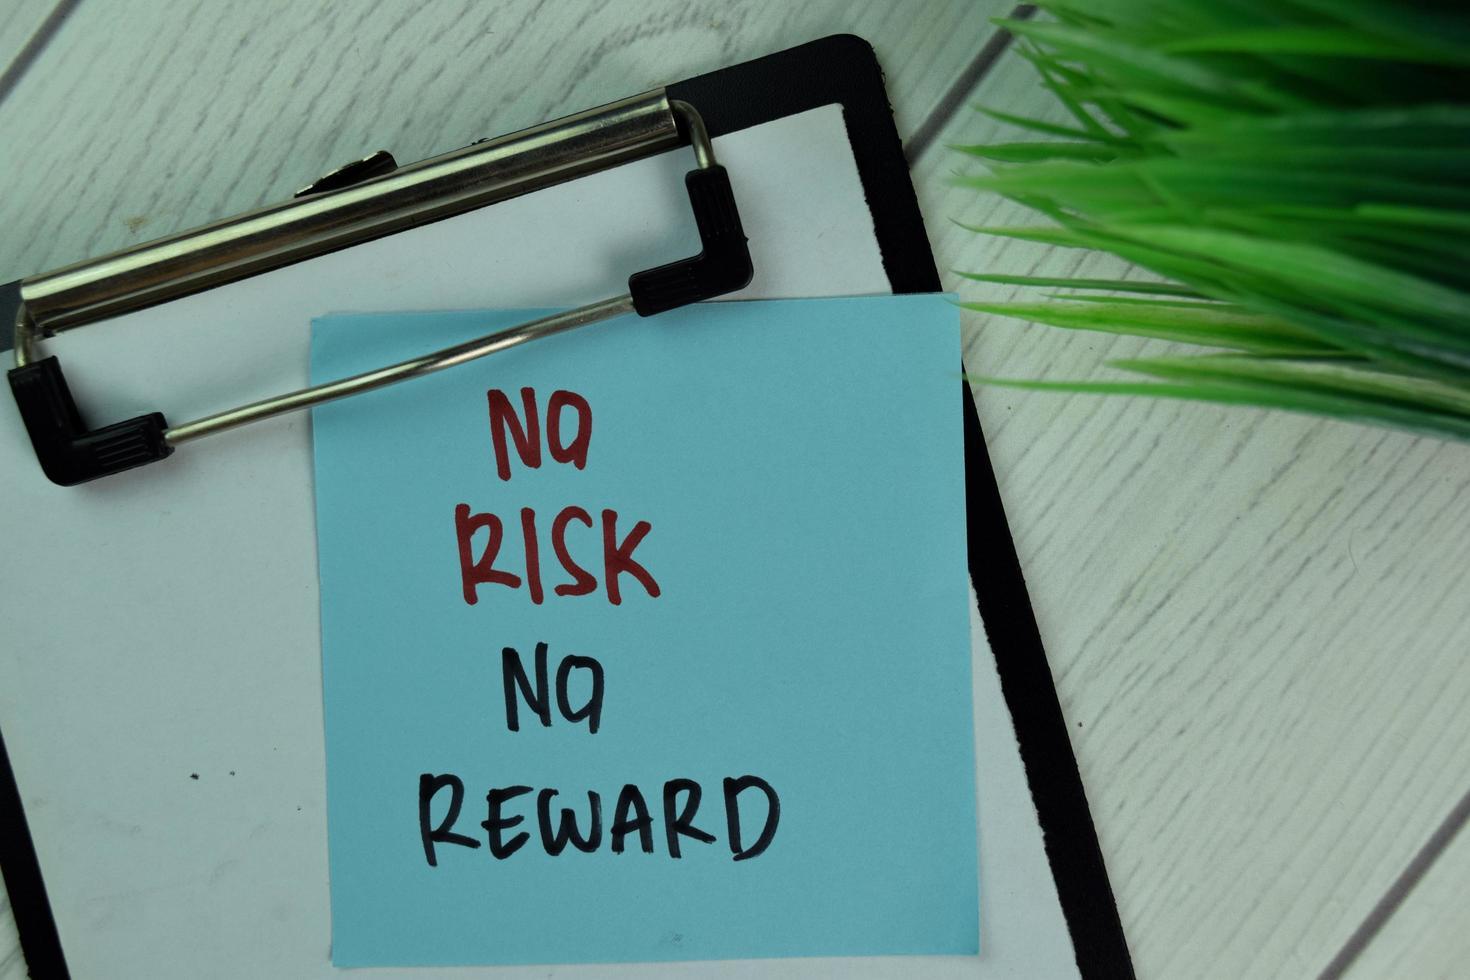 Kein Risiko, keine Belohnung auf Haftnotiz, isoliert auf Holztisch foto